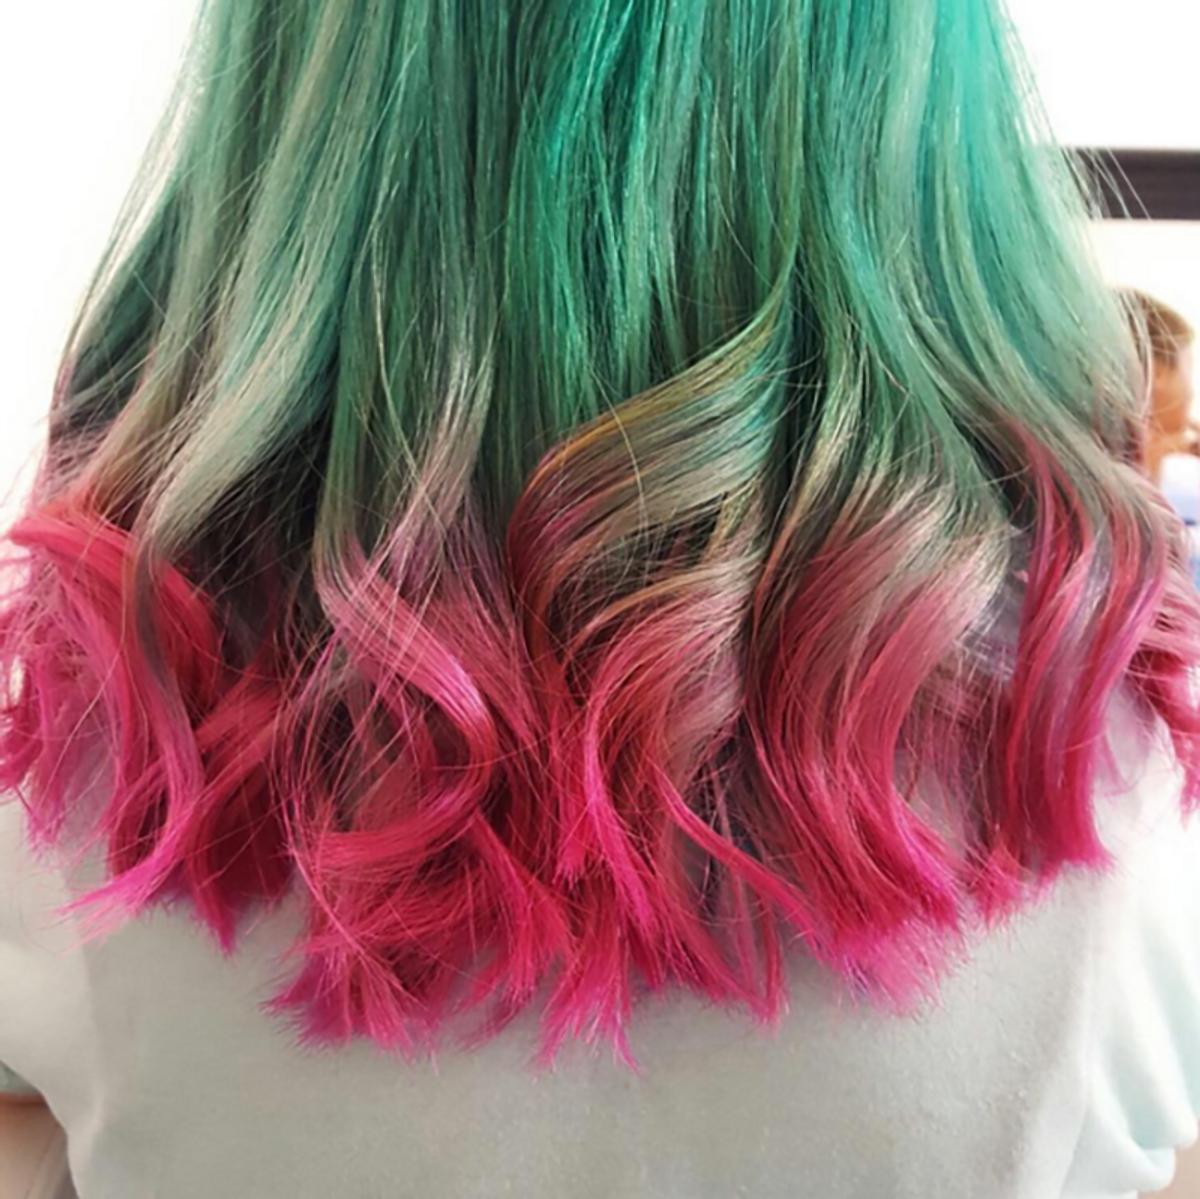 Watermelon Hair Is The Latest Hair Color Craze